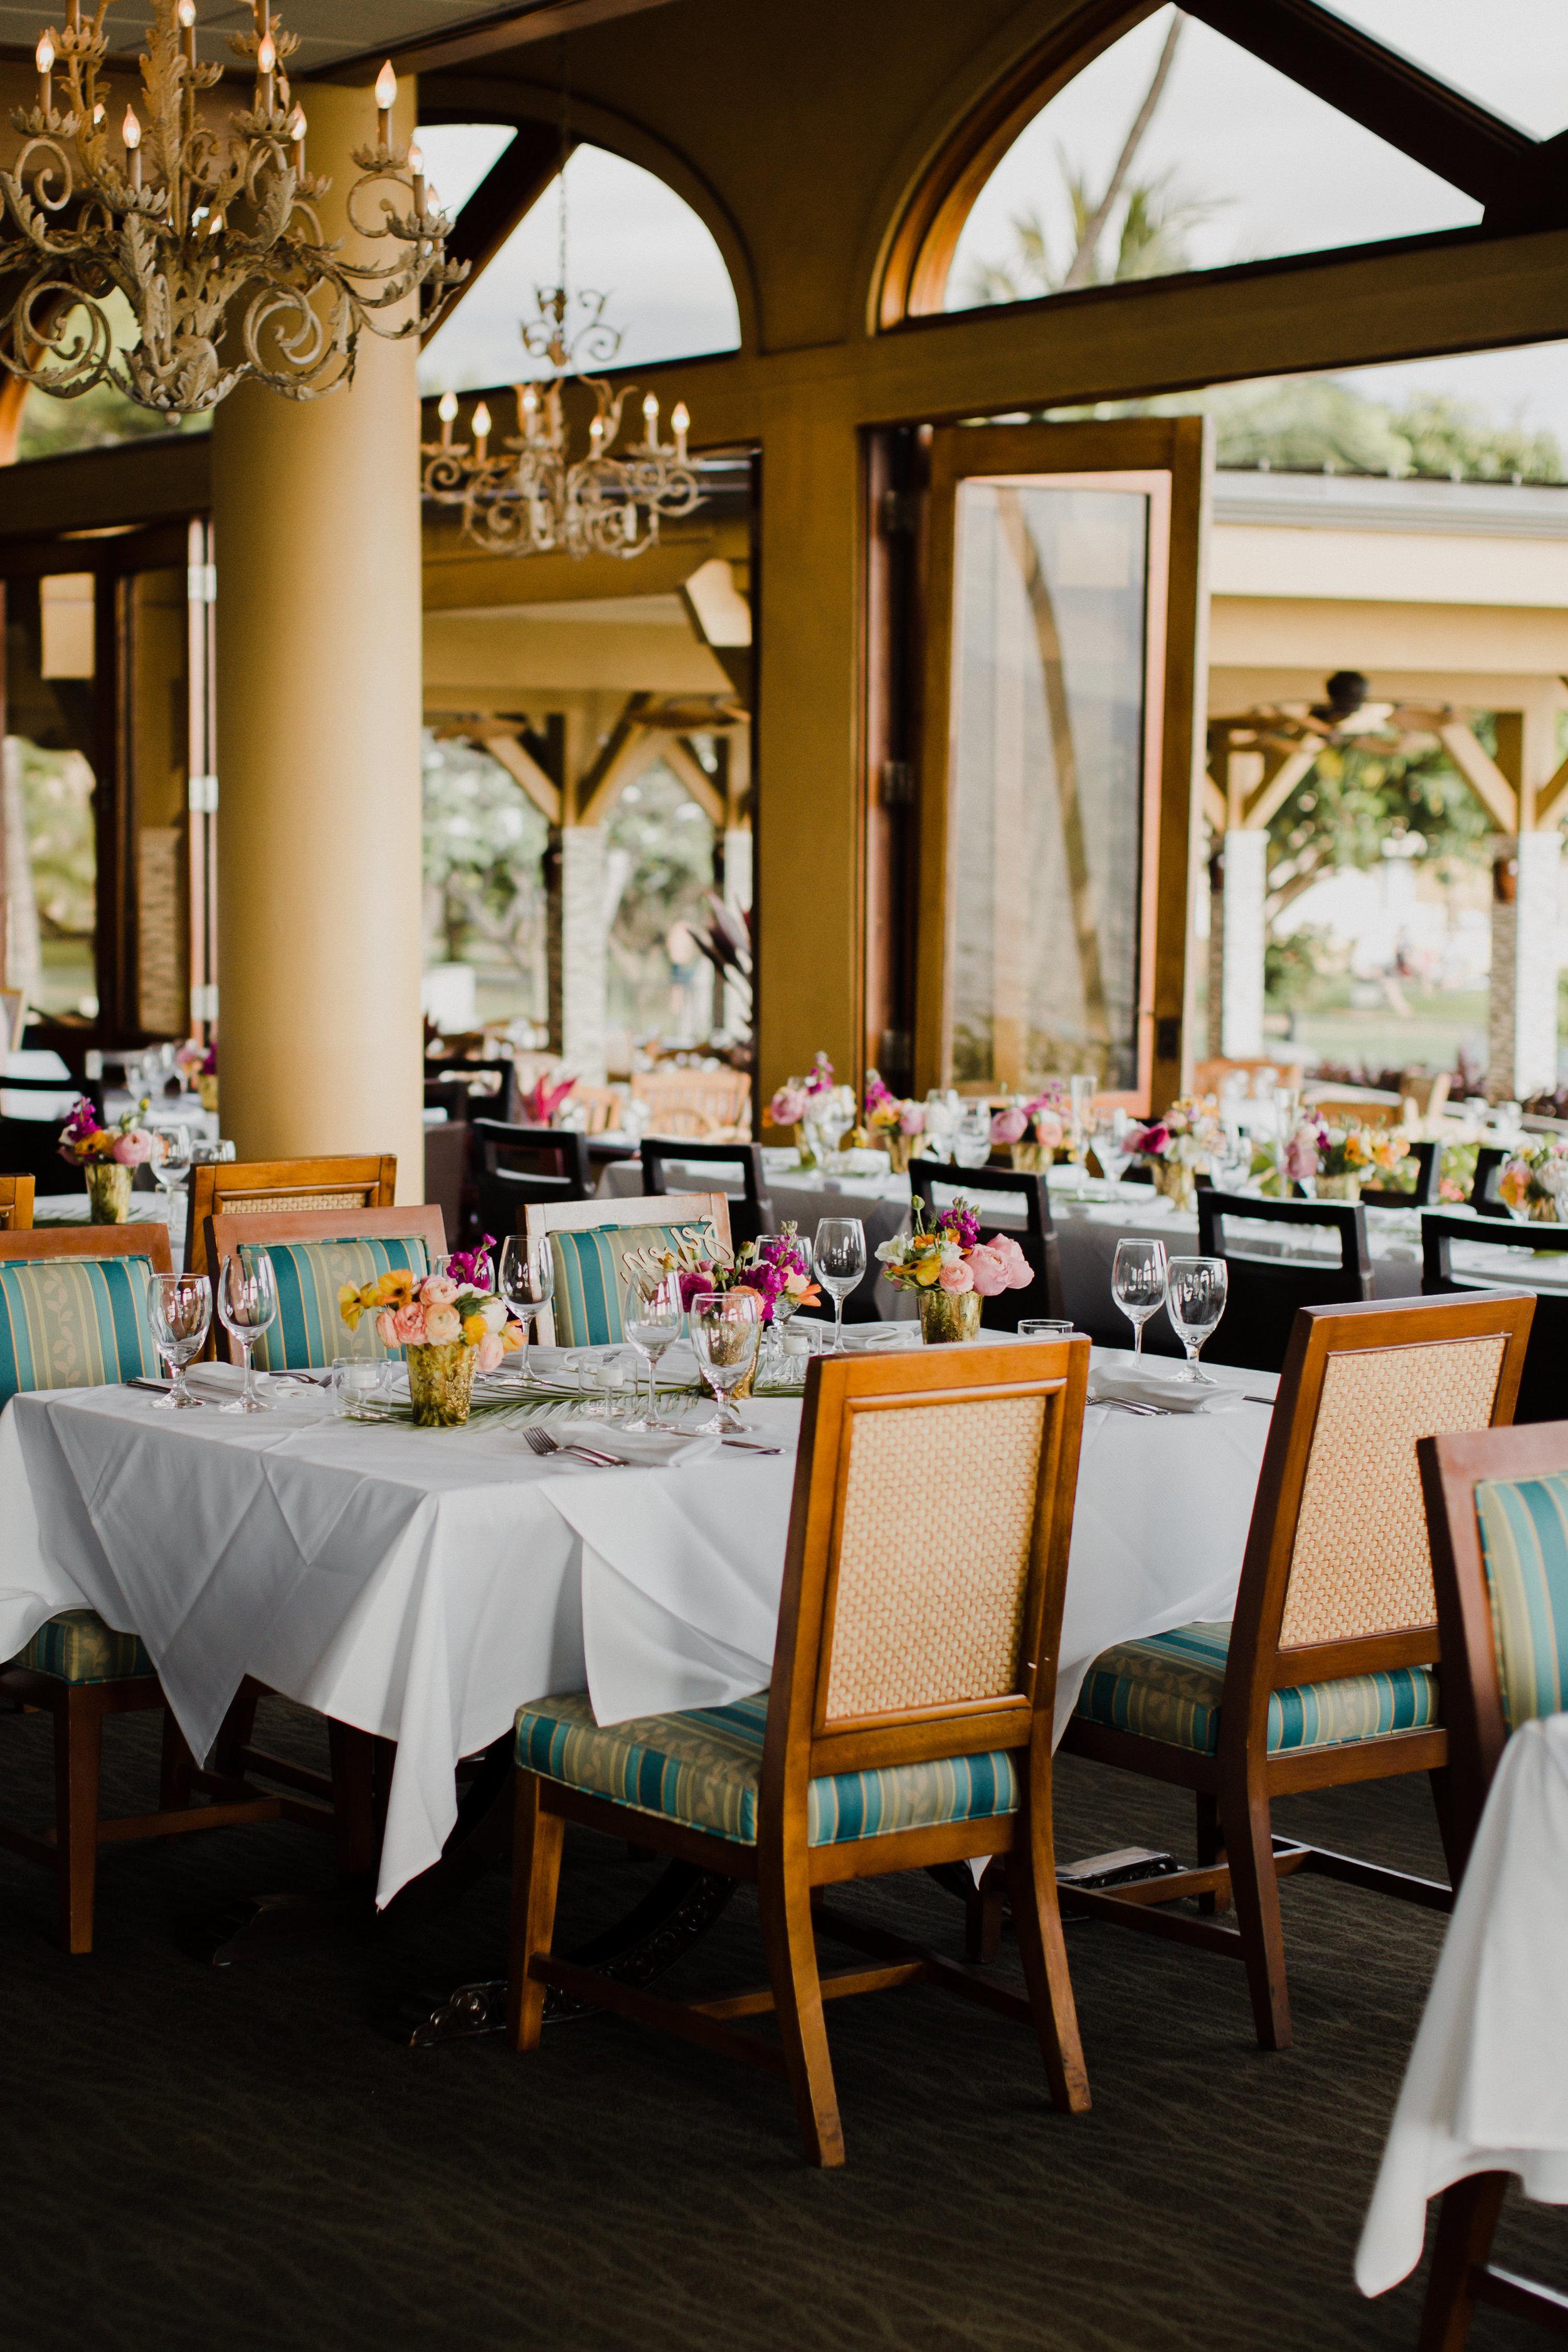 Stephanie-Betsill-Photography-Maui-Photographer-Hawaii-Wedding-Photographer-2.jpg